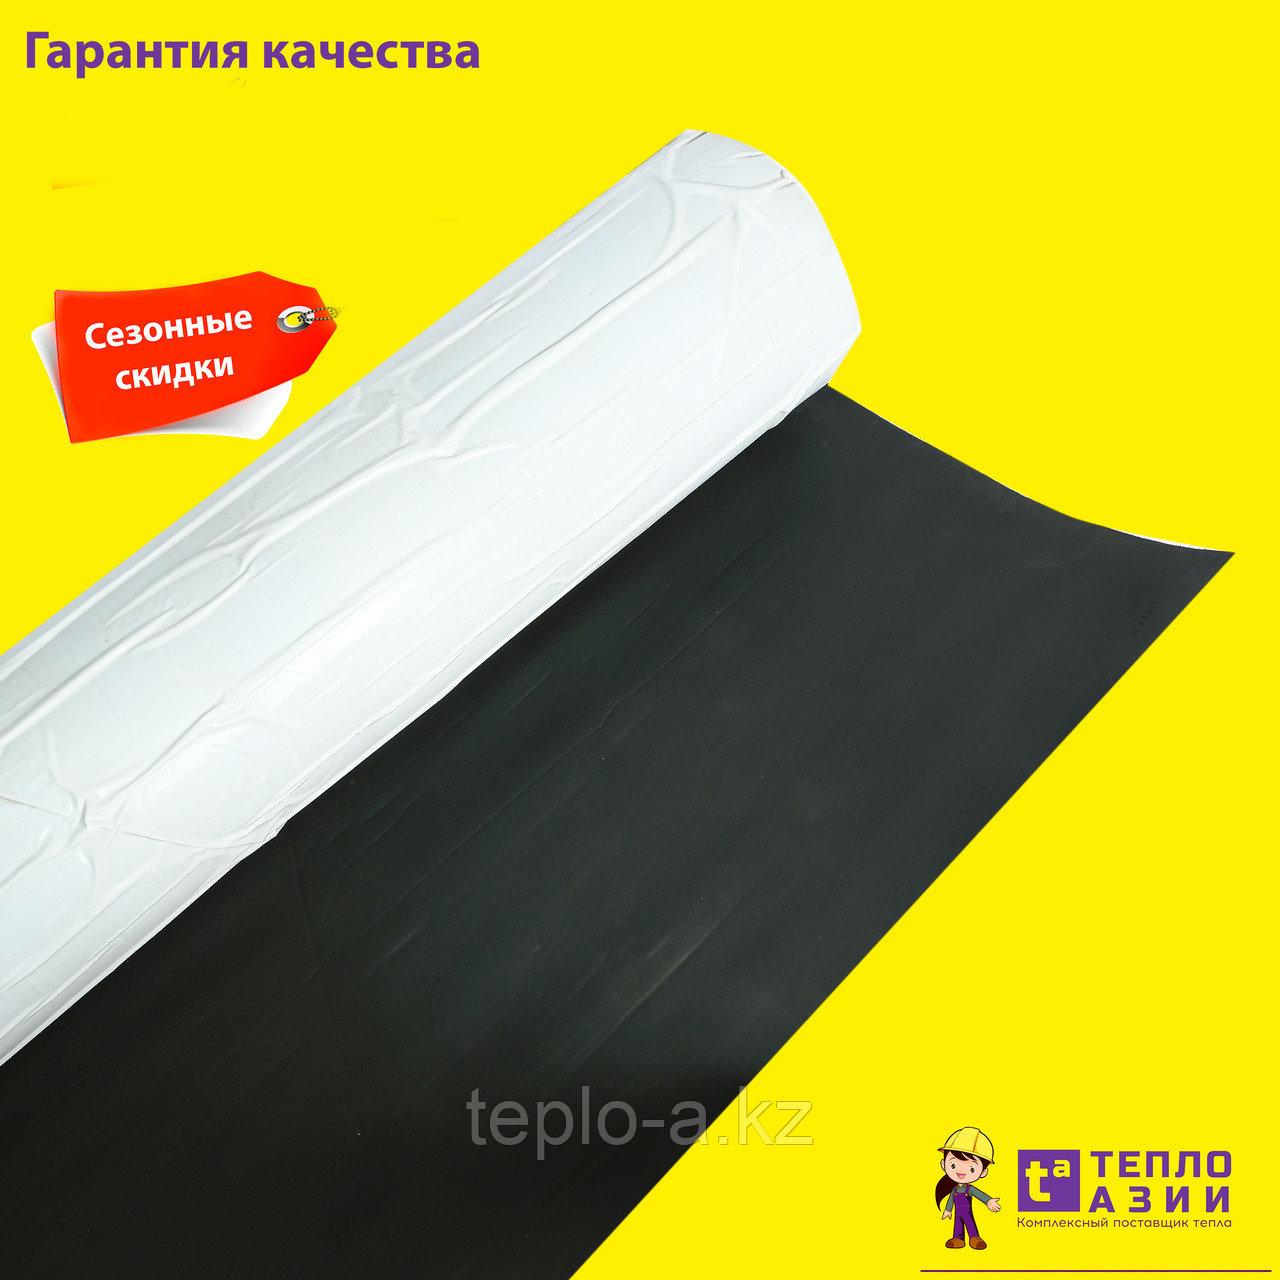 Рулонная изоляция , каучуковая , самоклеющаяся 19 мм